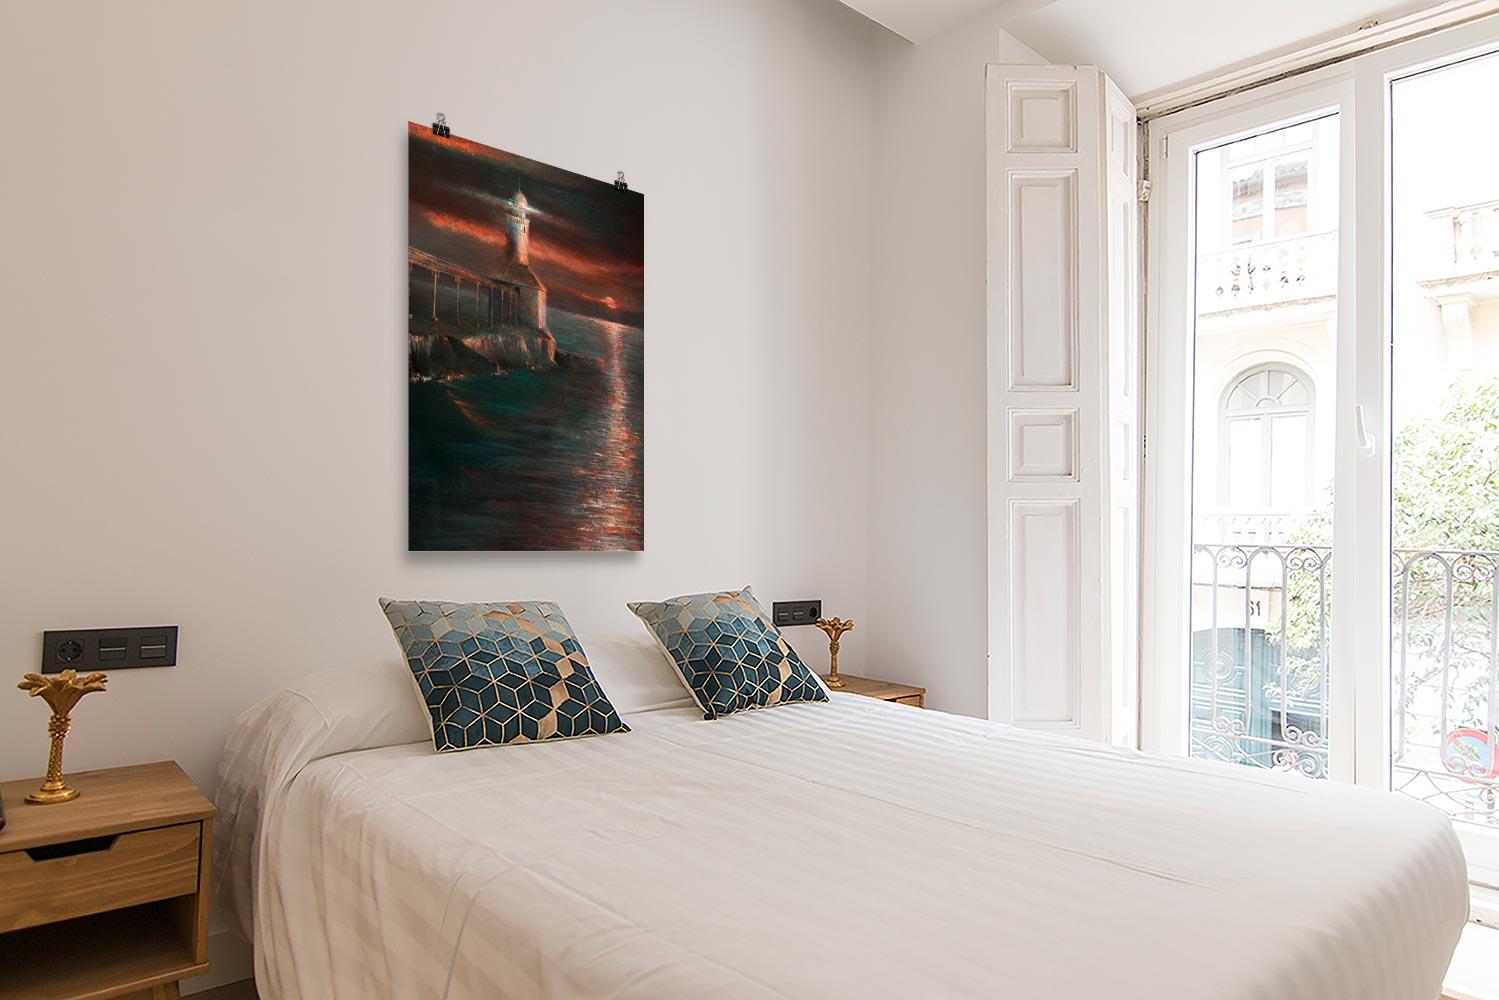 Reproducción de arte en lámina - dormitorio con balcón - Matutino - Óleo - Paisaje costero - Impresionismo -pintado por Fernando Pagador